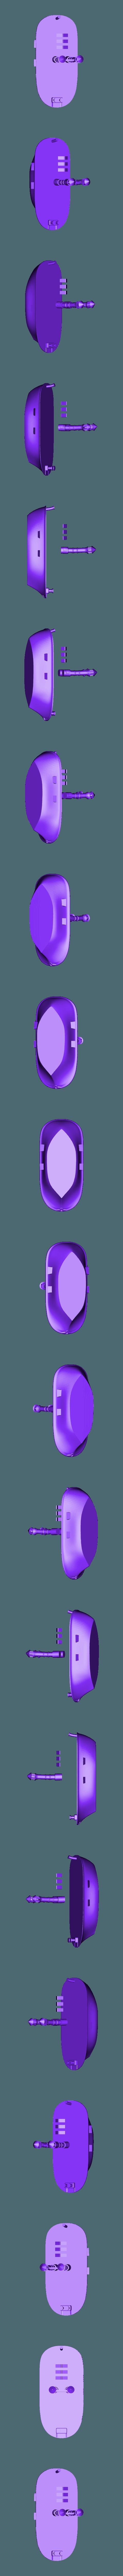 schwarz.stl Télécharger fichier STL gratuit Ancien bateau à vapeur à roue à aubes avec présentoir (banc visuel) • Design pour imprimante 3D, vandragon_de